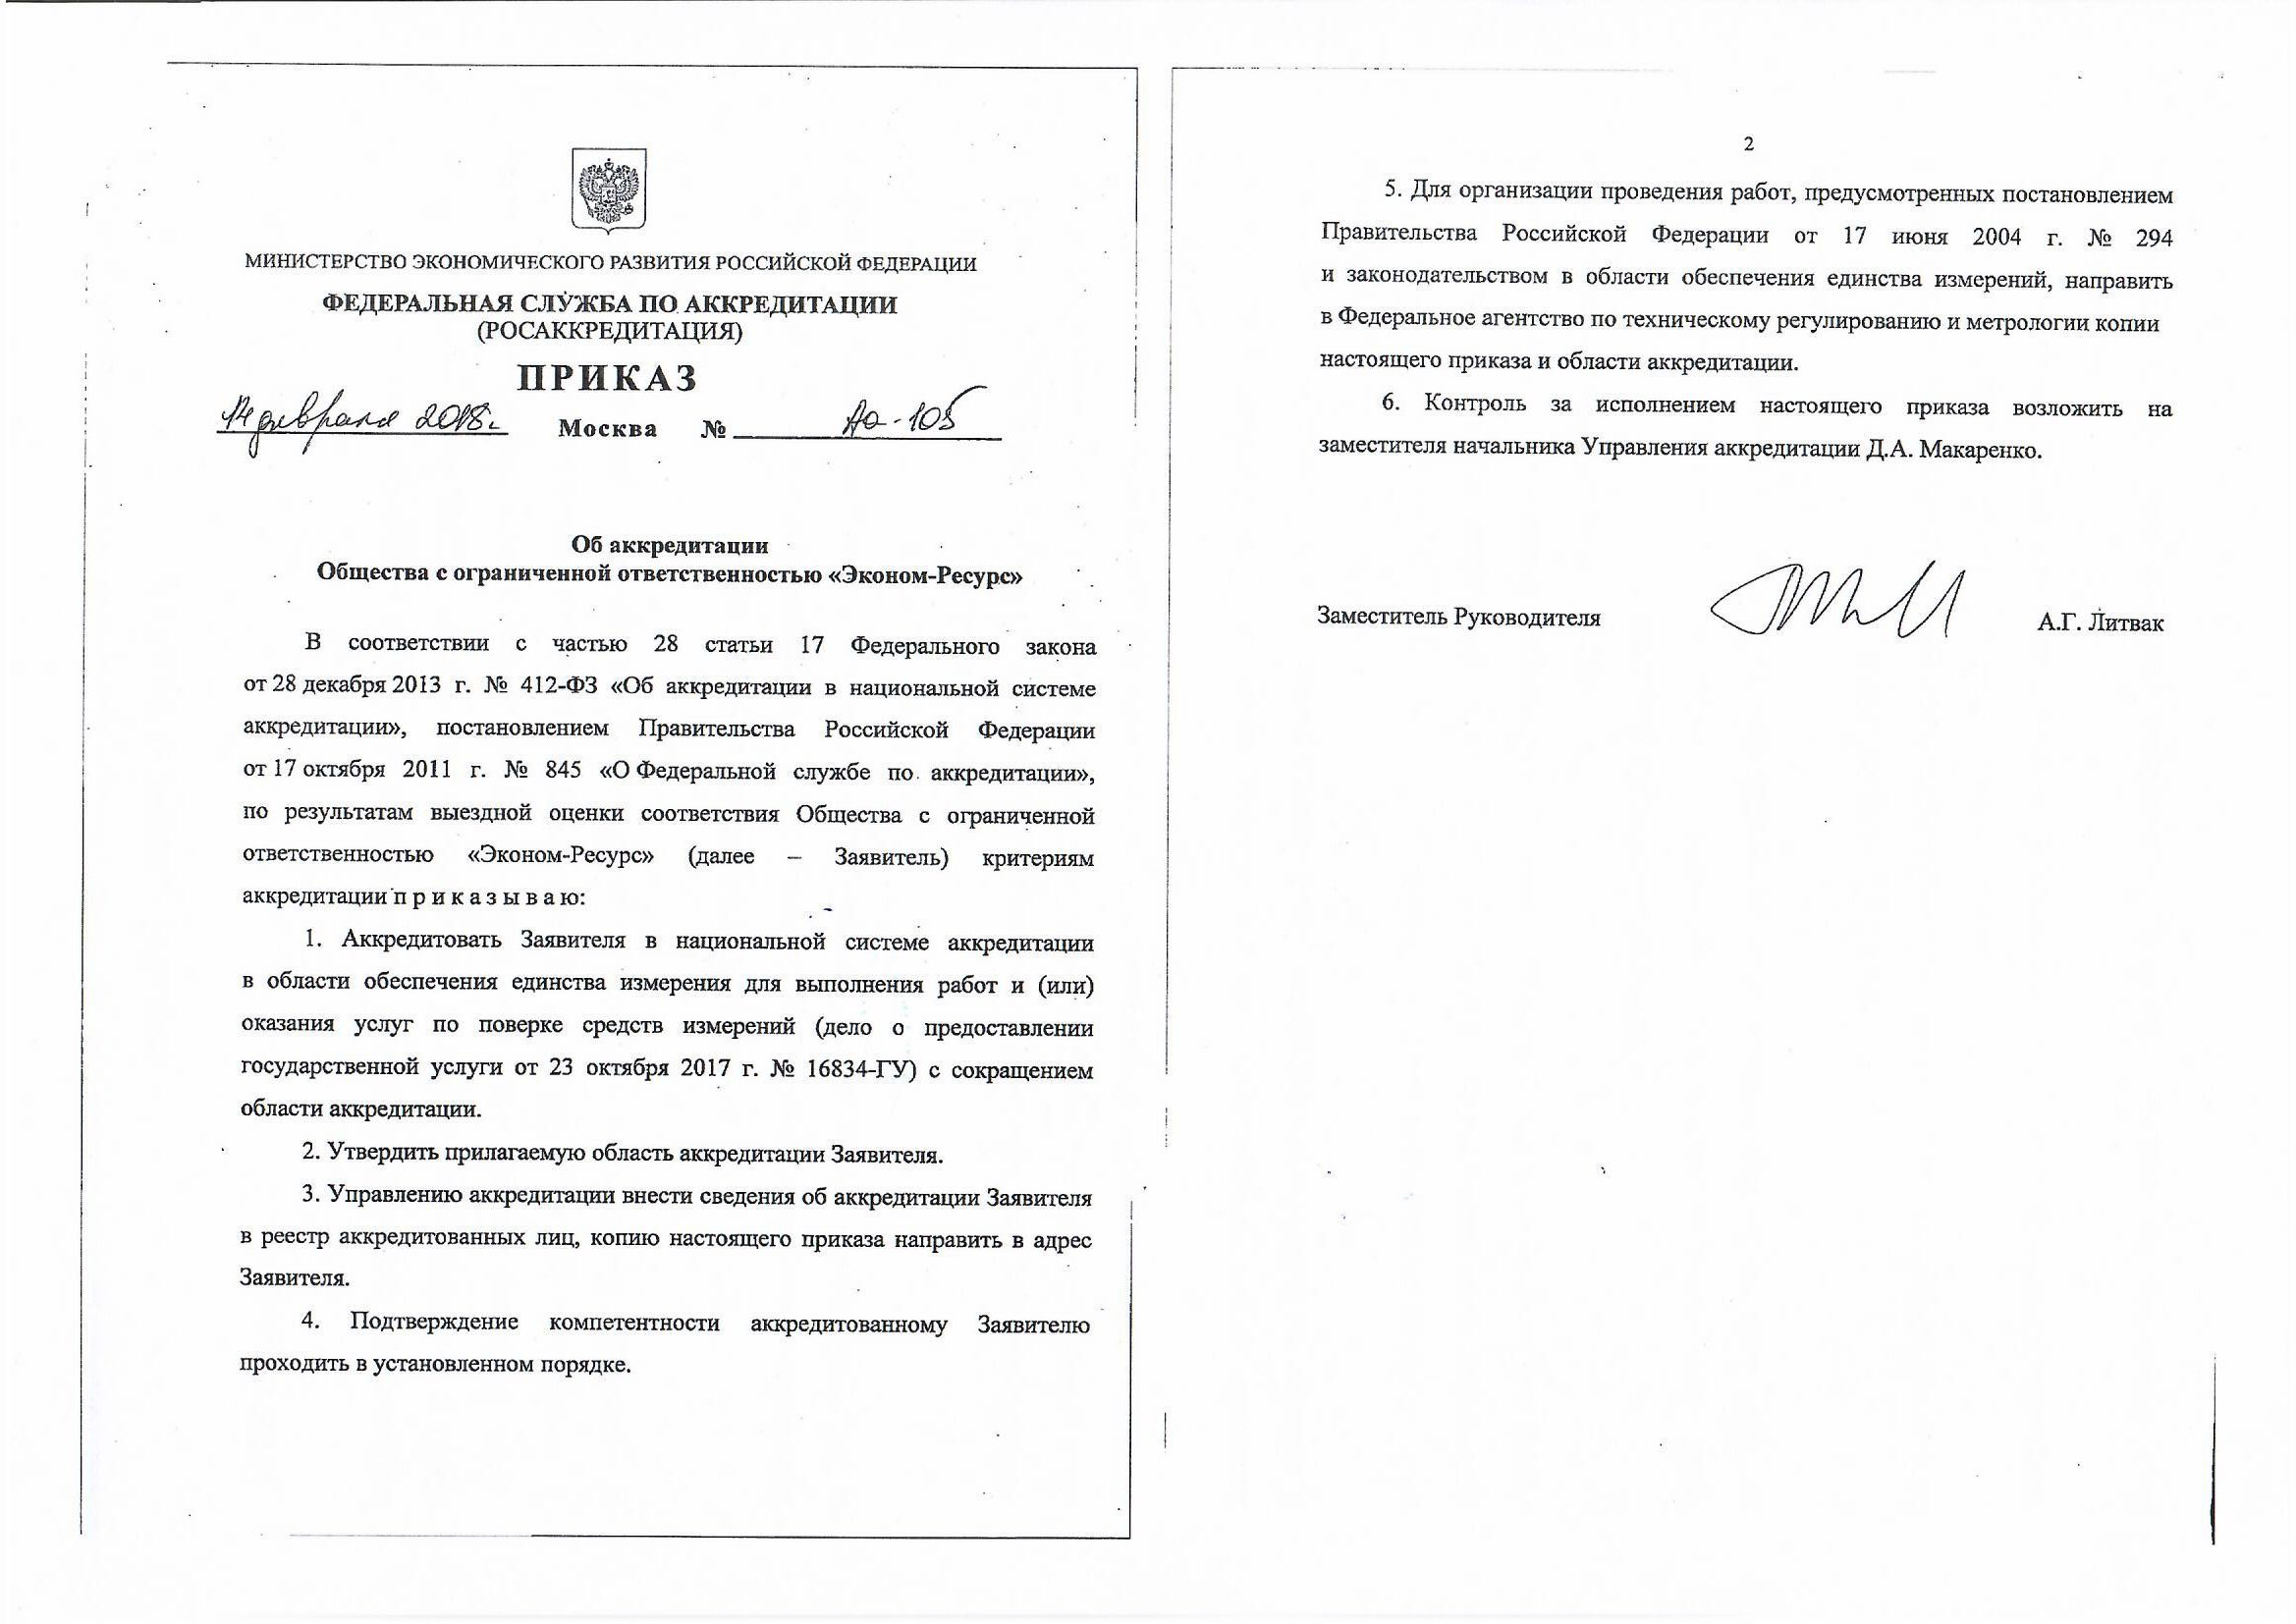 Приказ Росаккредитации №Аа-105